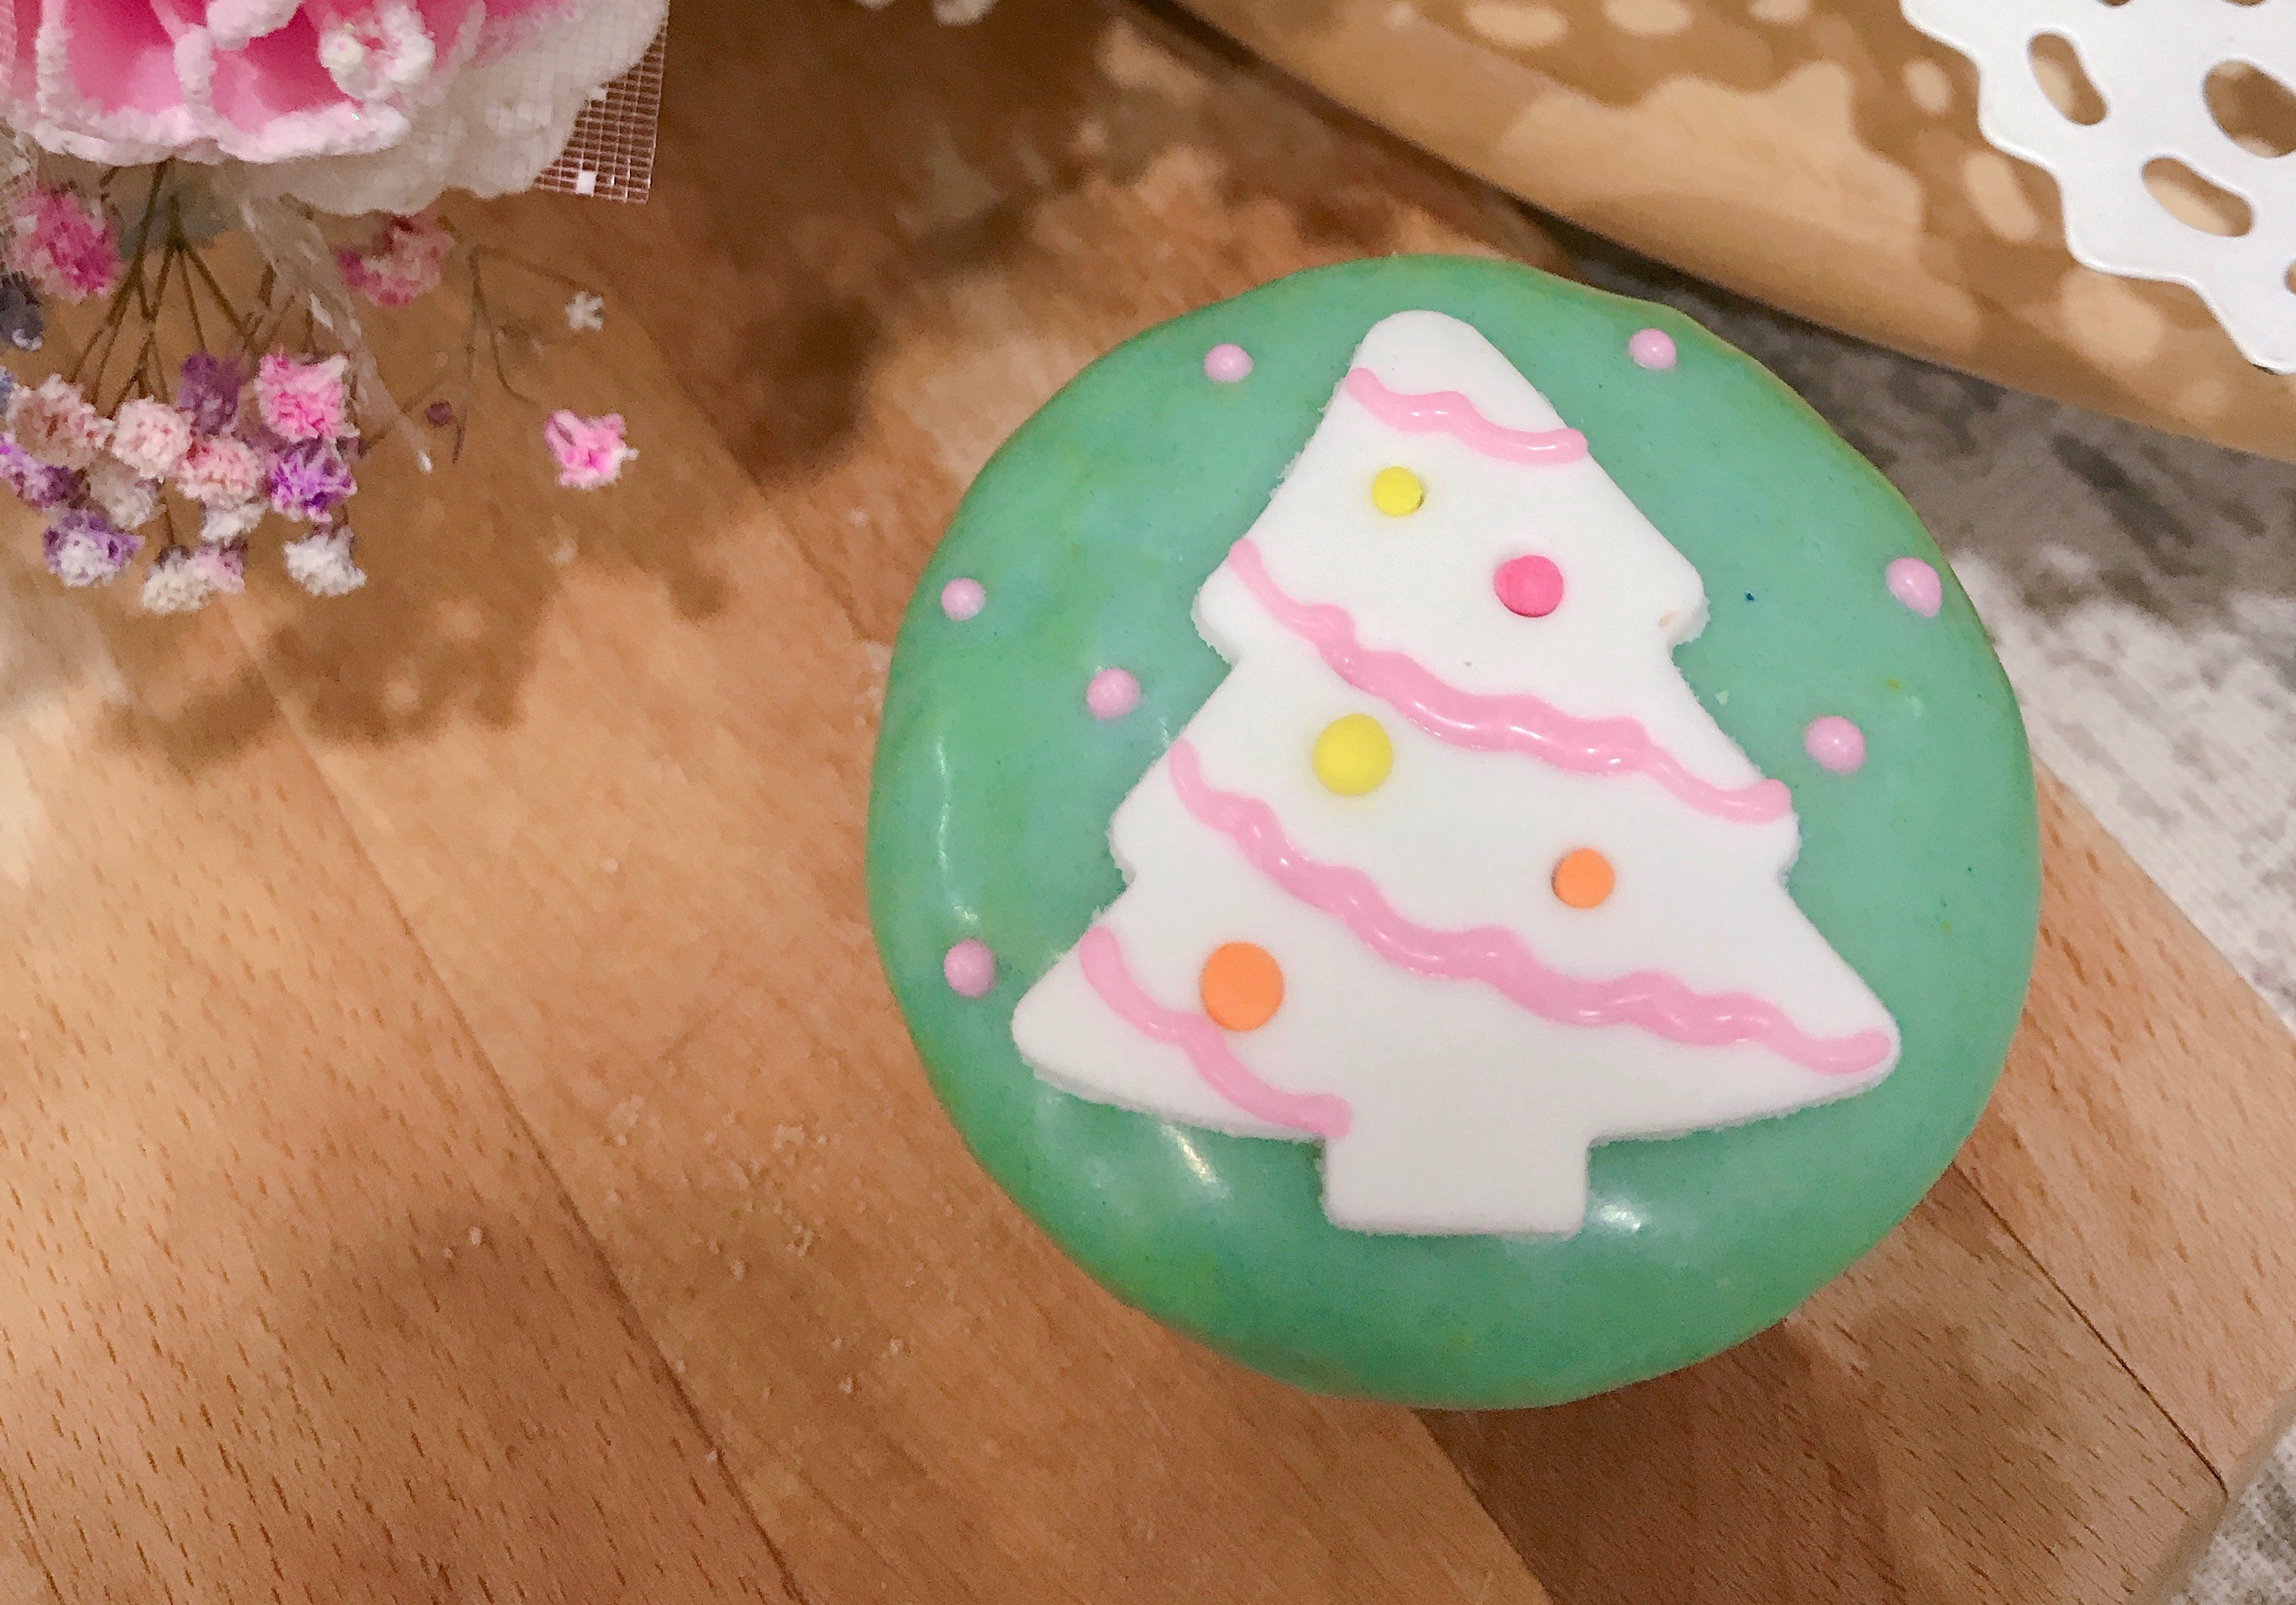 聖誕節 造型杯子蛋糕~~迷妳款~白聖誕樹造型10入組